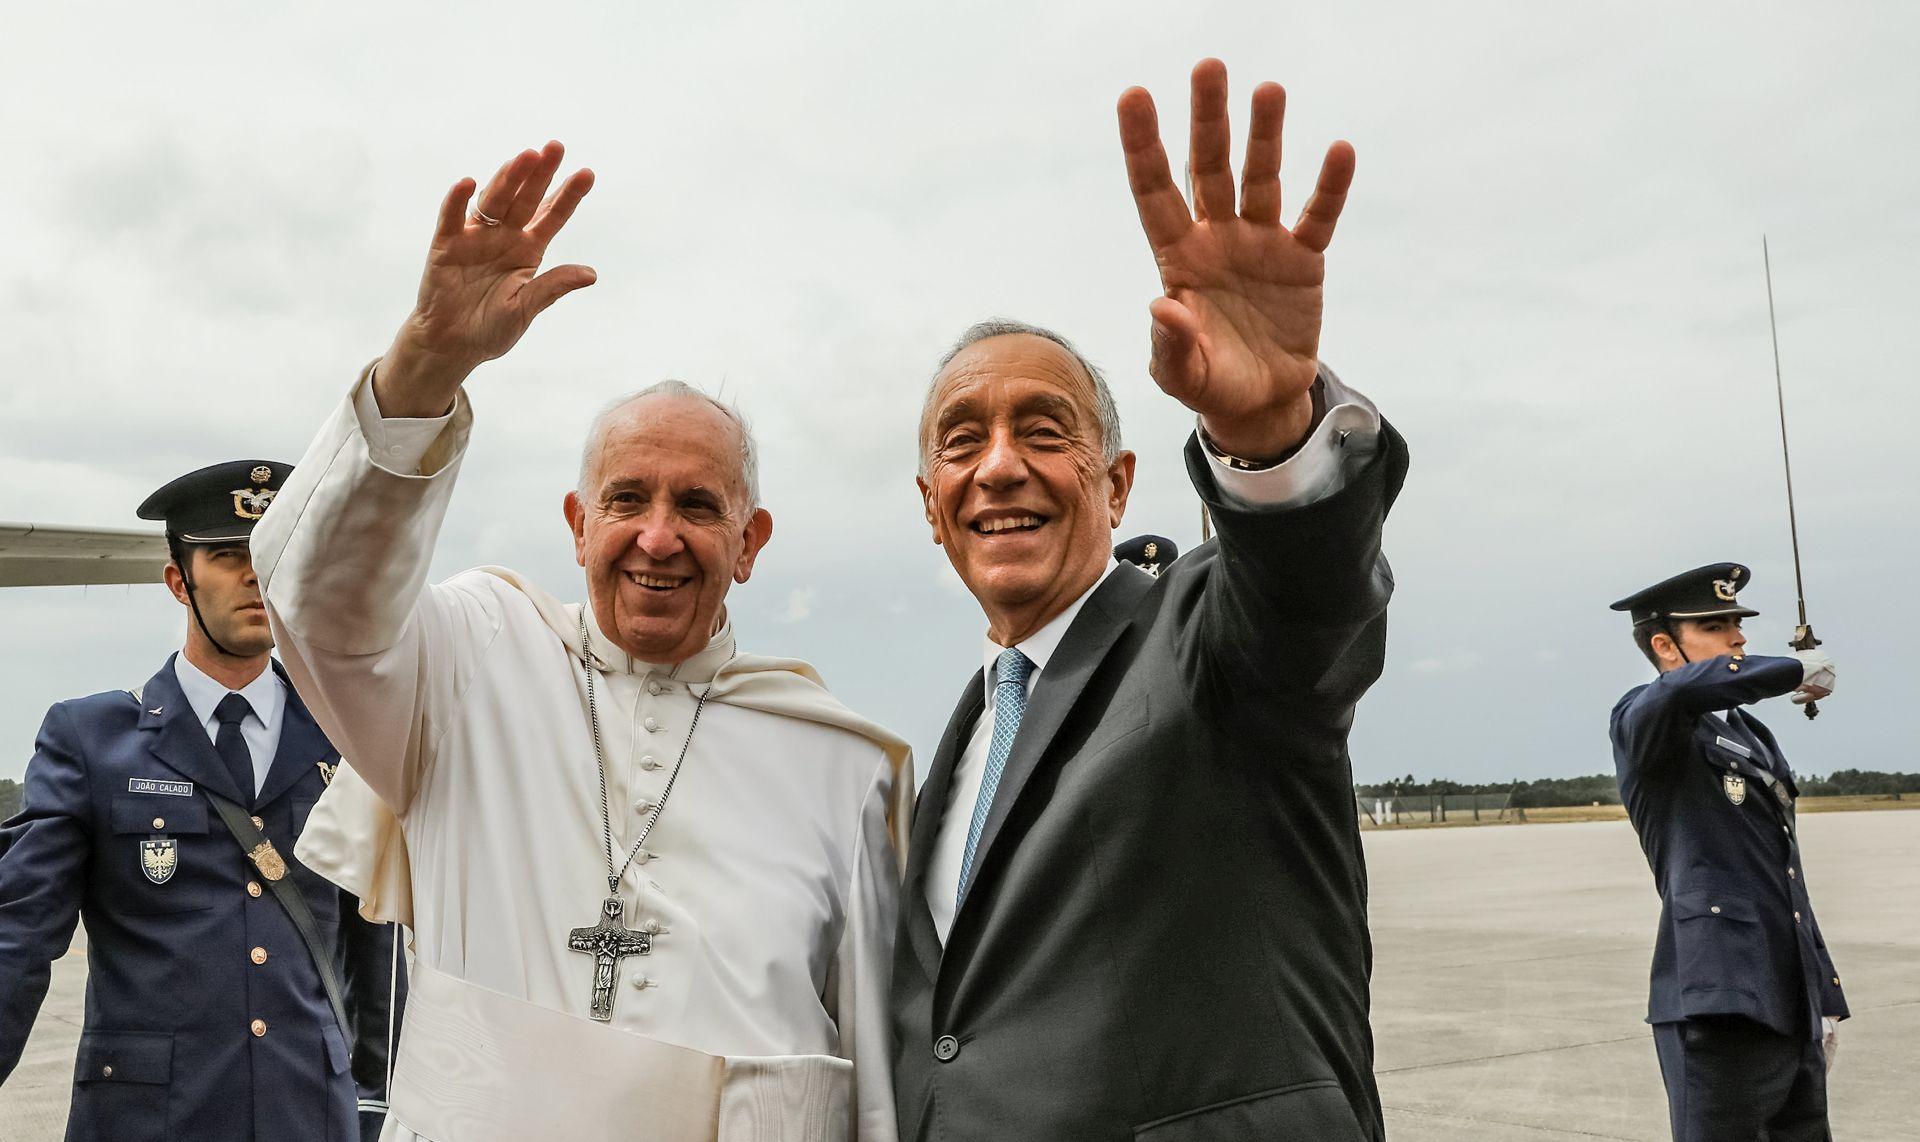 Papa sumnja u svakodnevna ukazanja Gospe u Međugorju